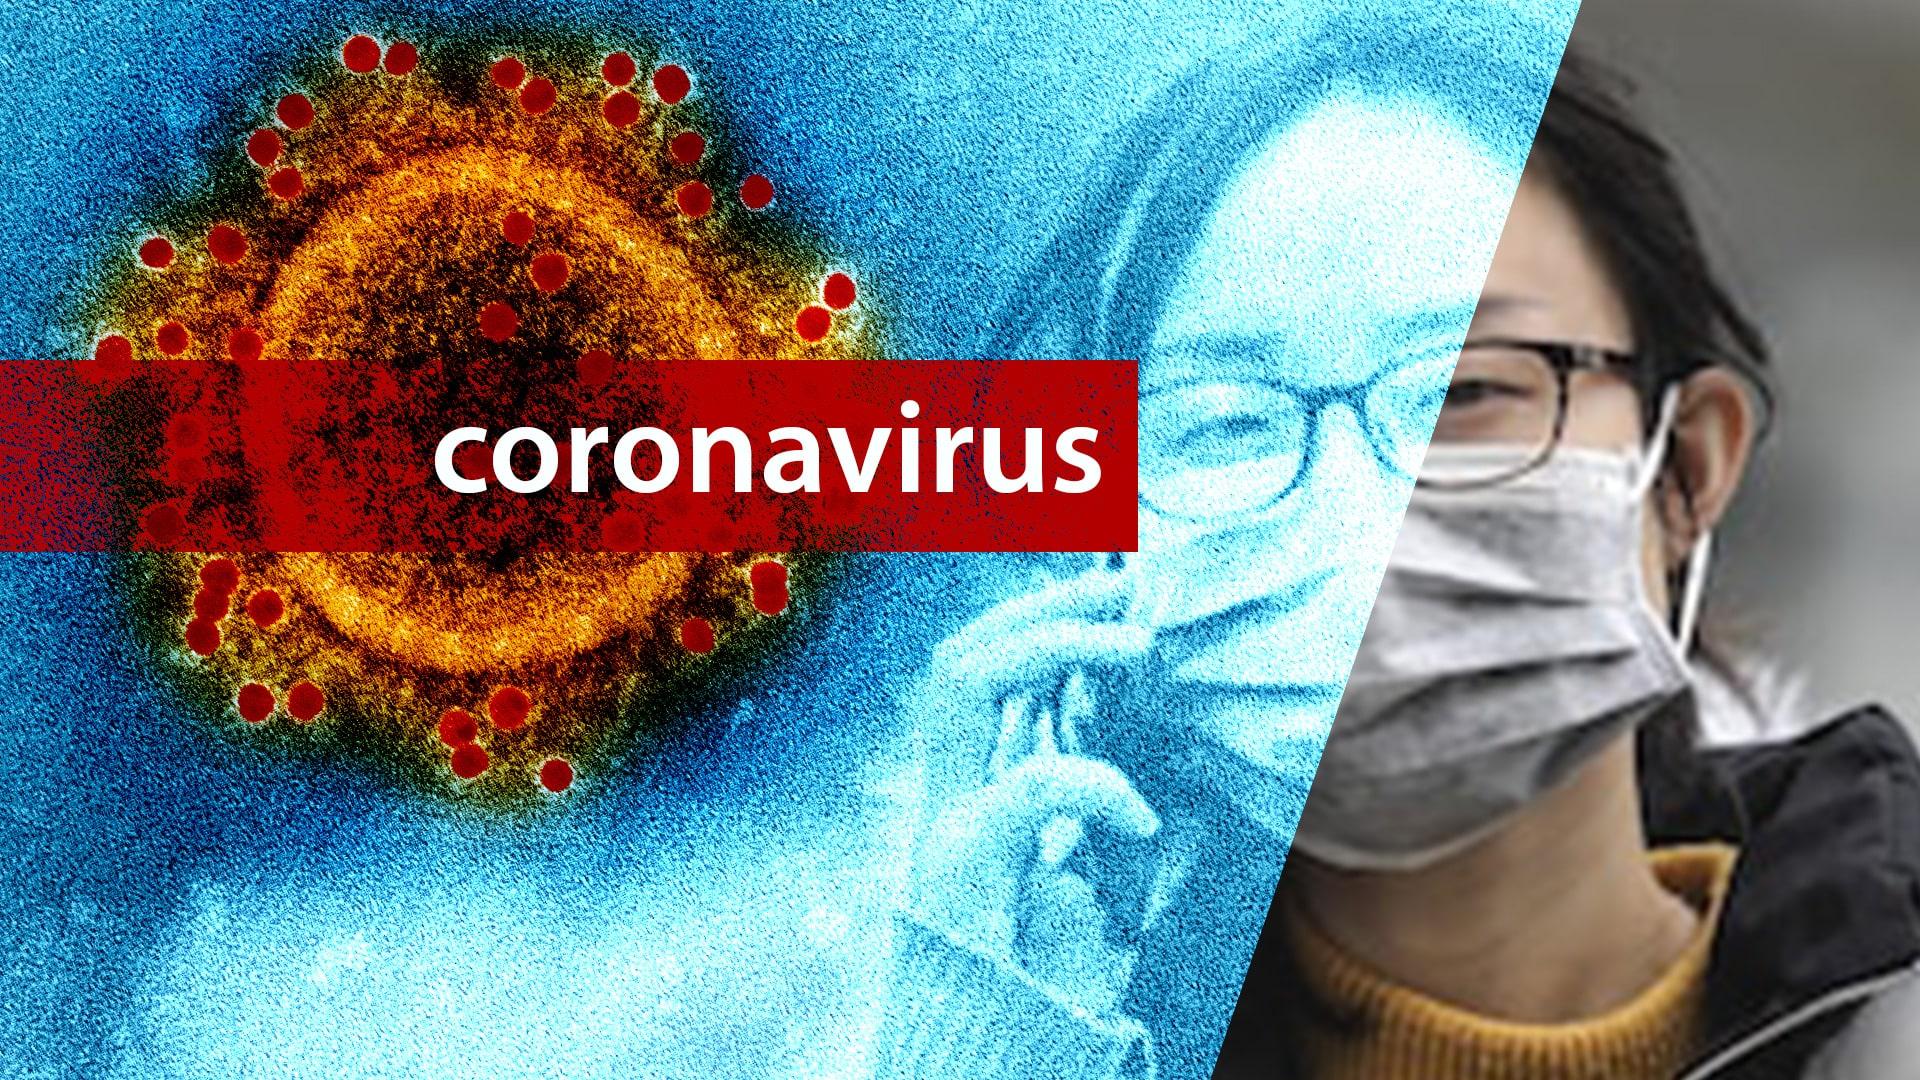 """Coronavirus 🛑🛑🛑🛑 : """"Superati i 100 contagi in Italia, 89 solo o Lombardia'"""